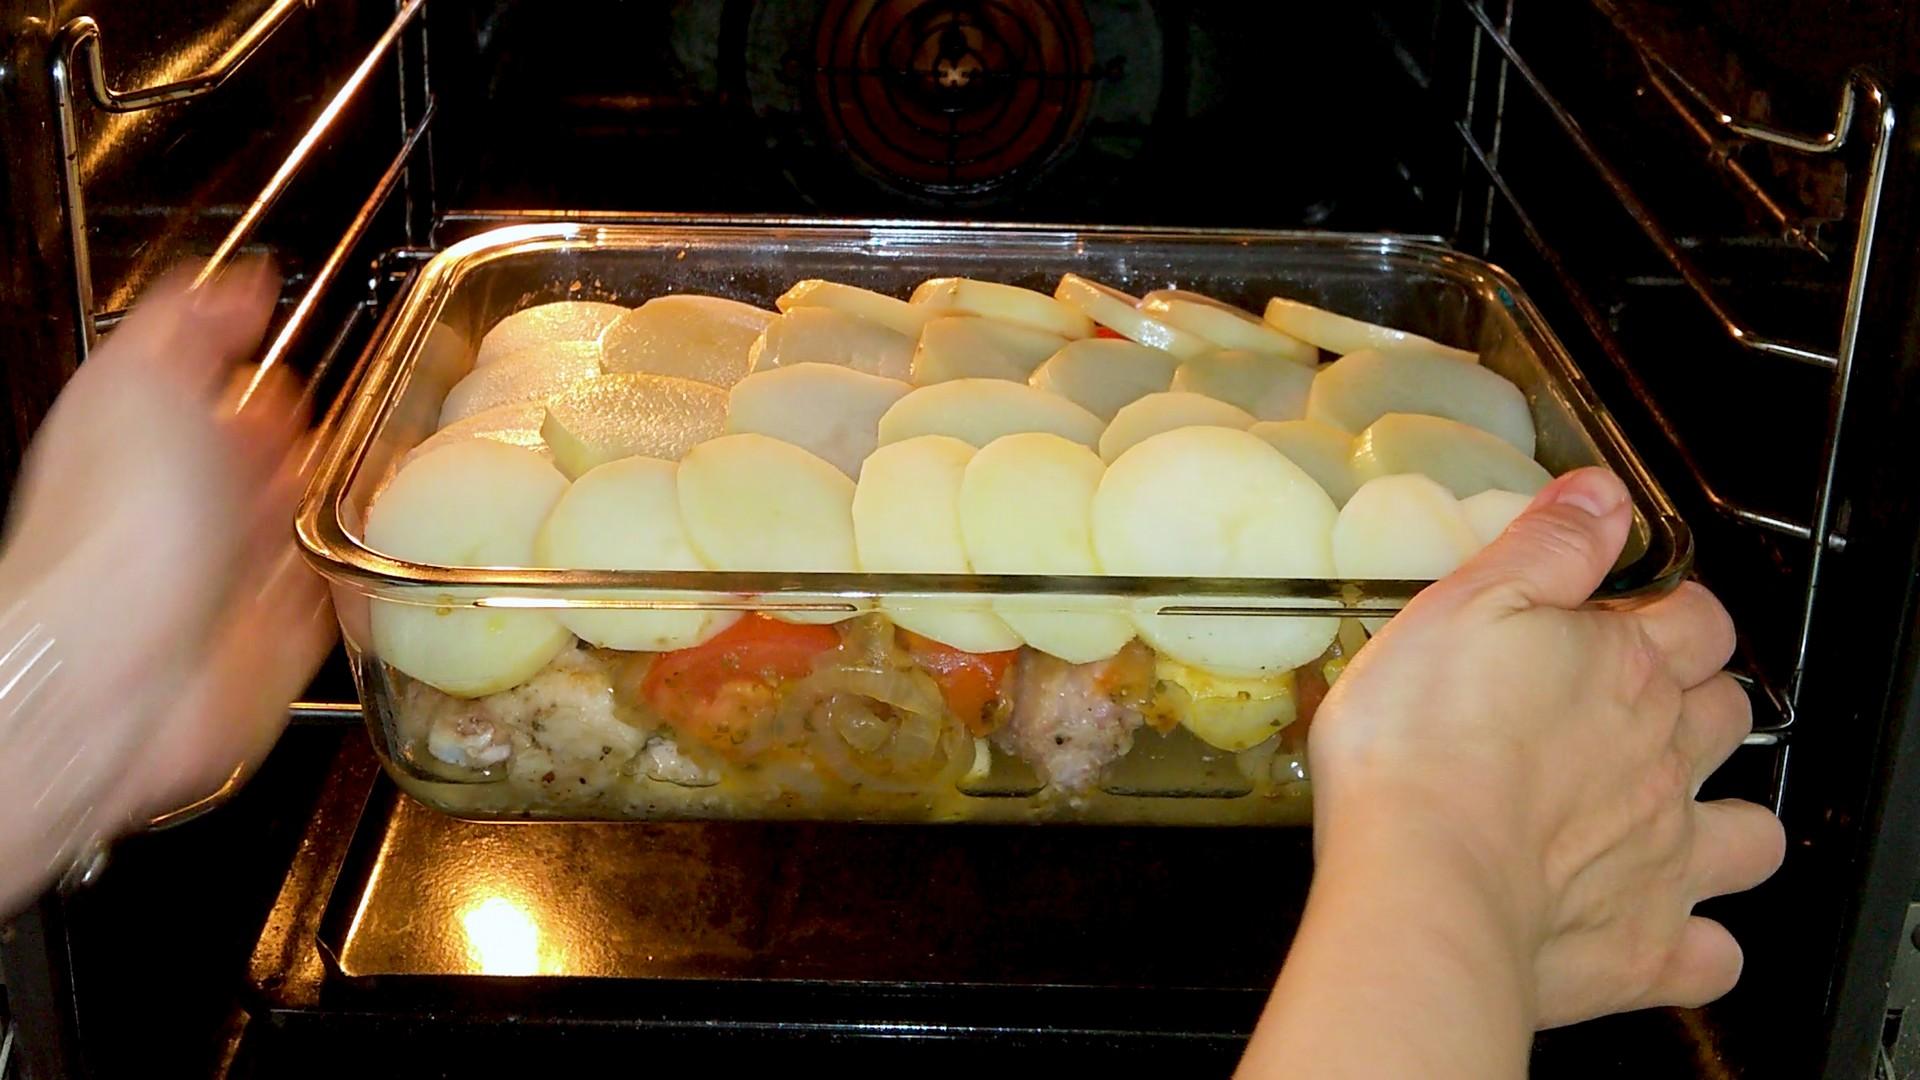 Chicken and Potato Casserole Pic 8